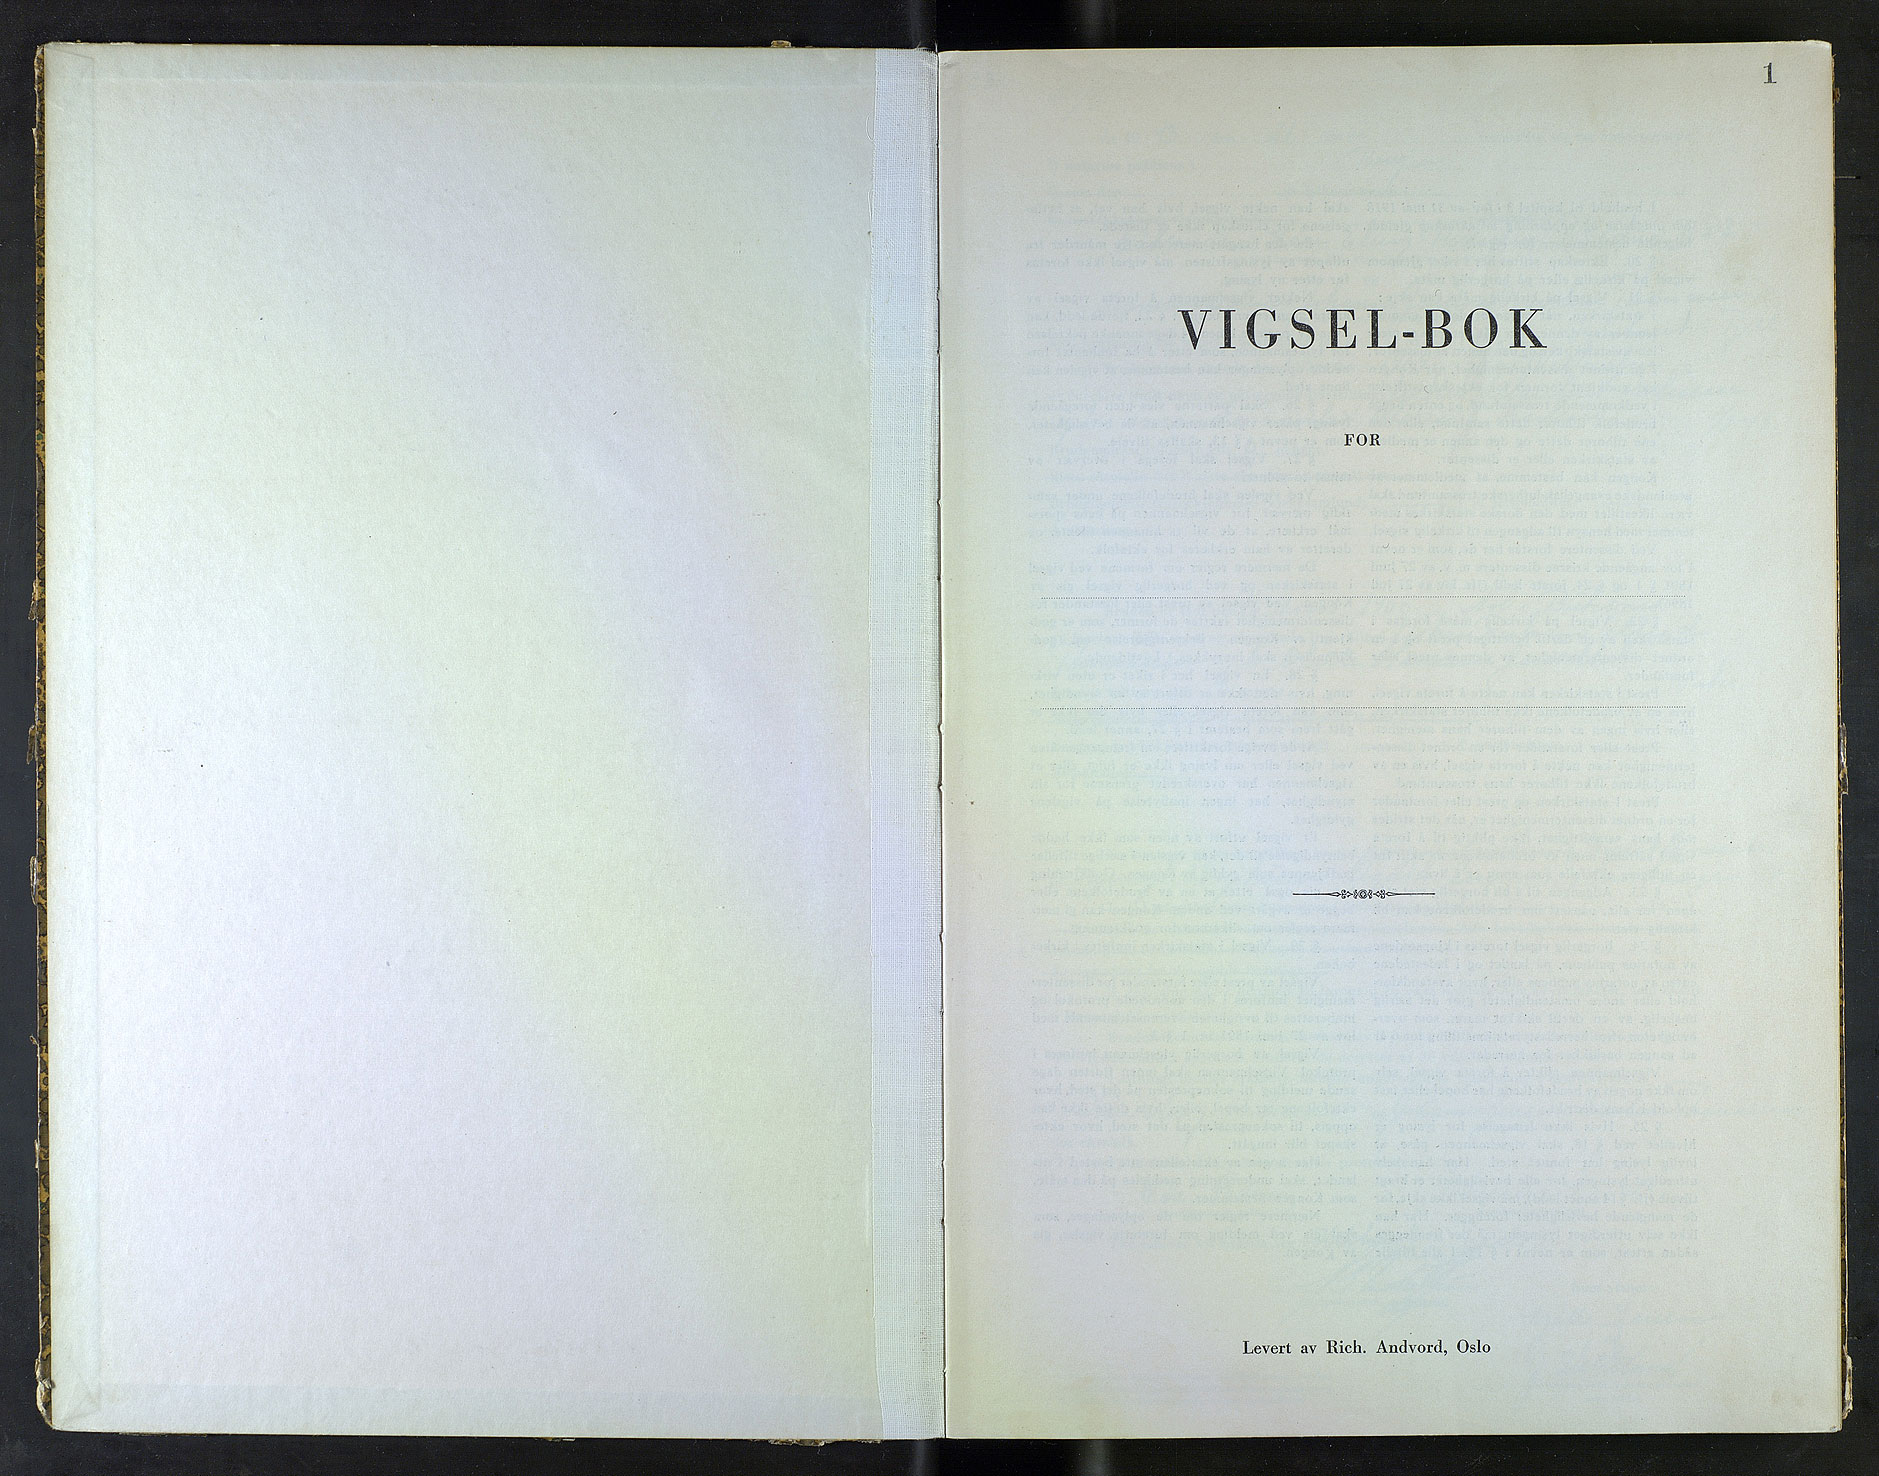 SAB, Bergen byfogd og byskriver*, 1943, s. 1